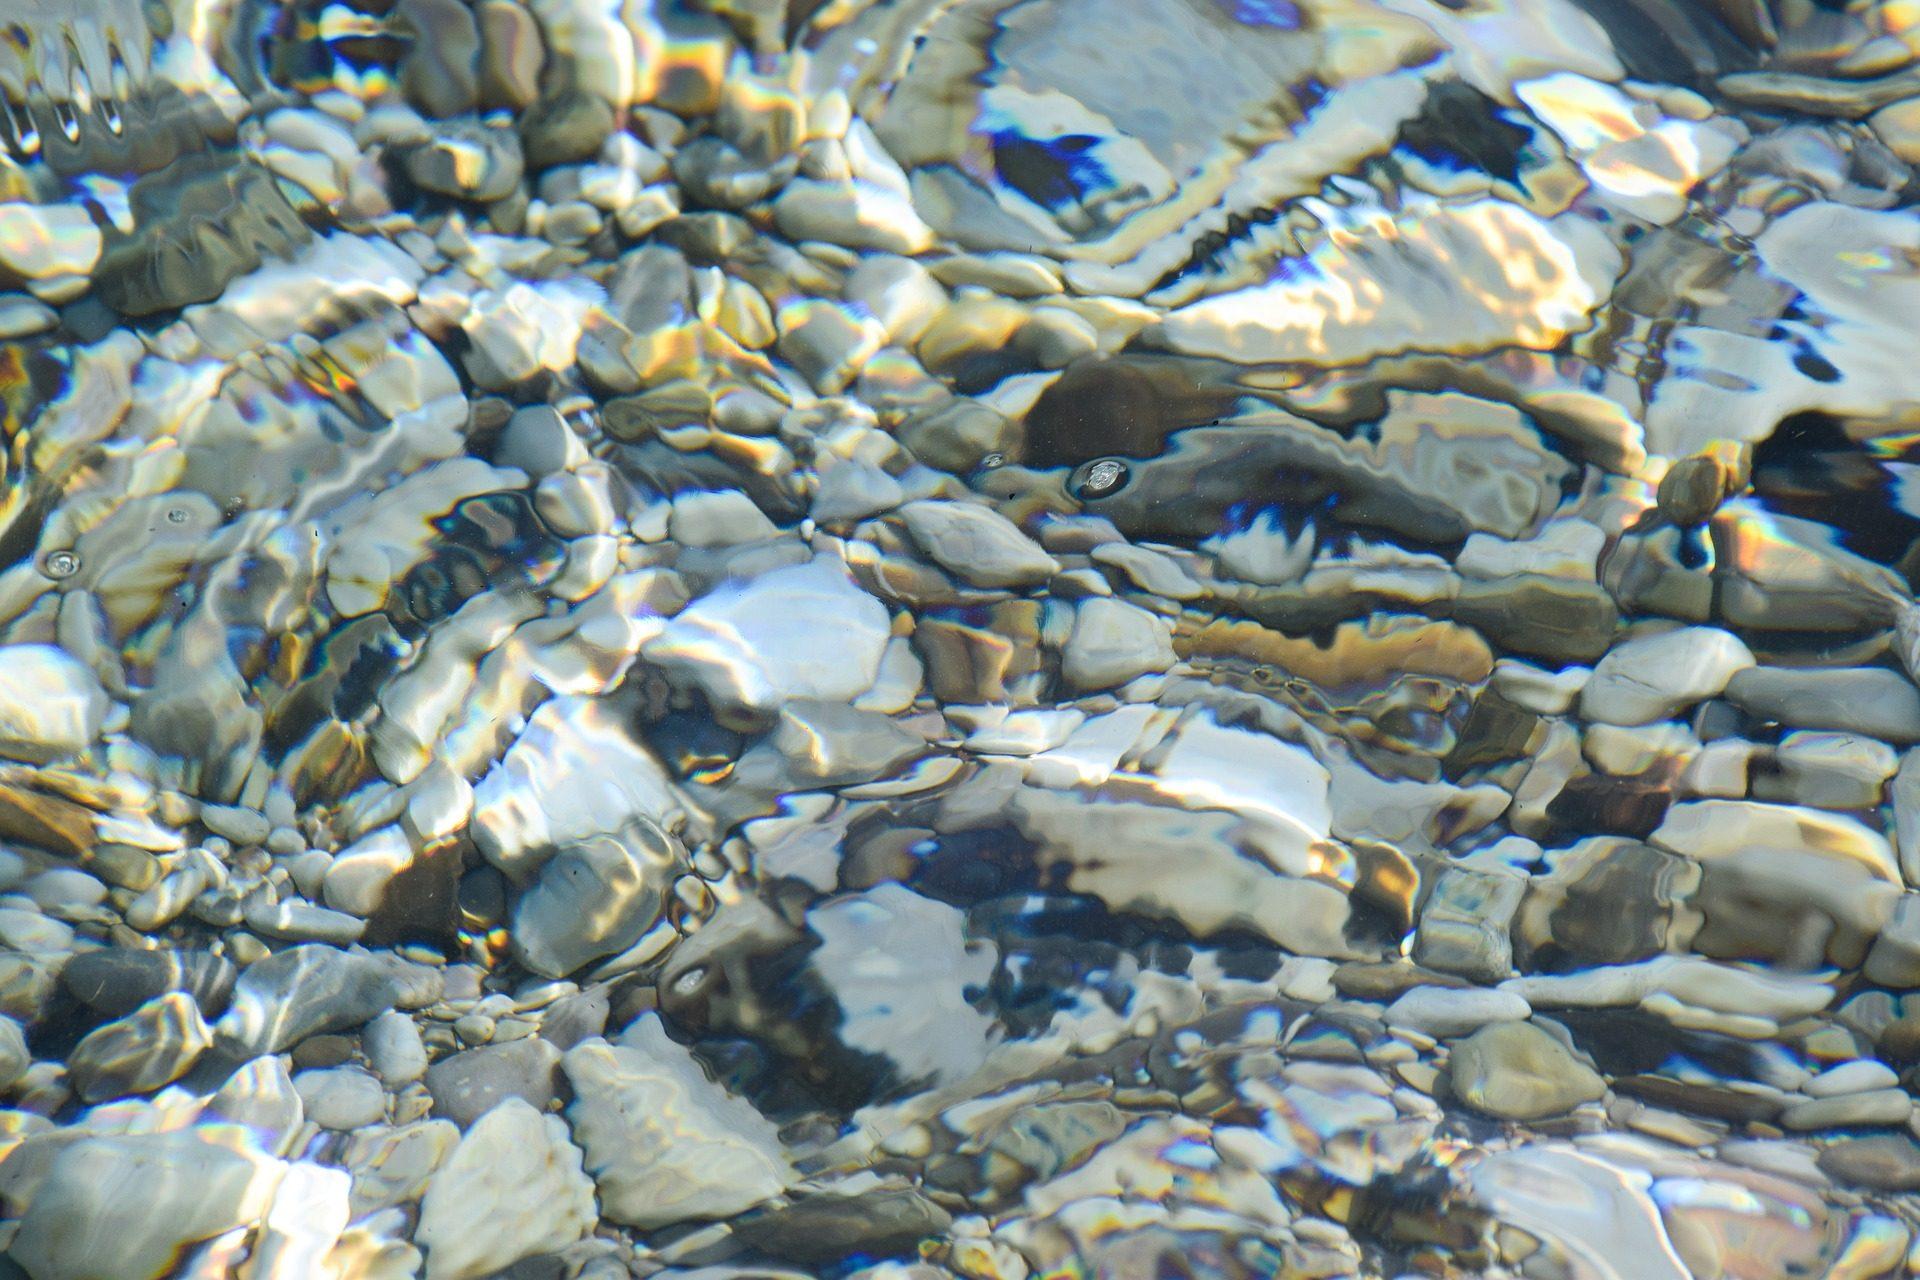 पानी, नदी, पत्थर, Rocas, अपवर्तन, प्रकाश - HD वॉलपेपर - प्रोफेसर-falken.com